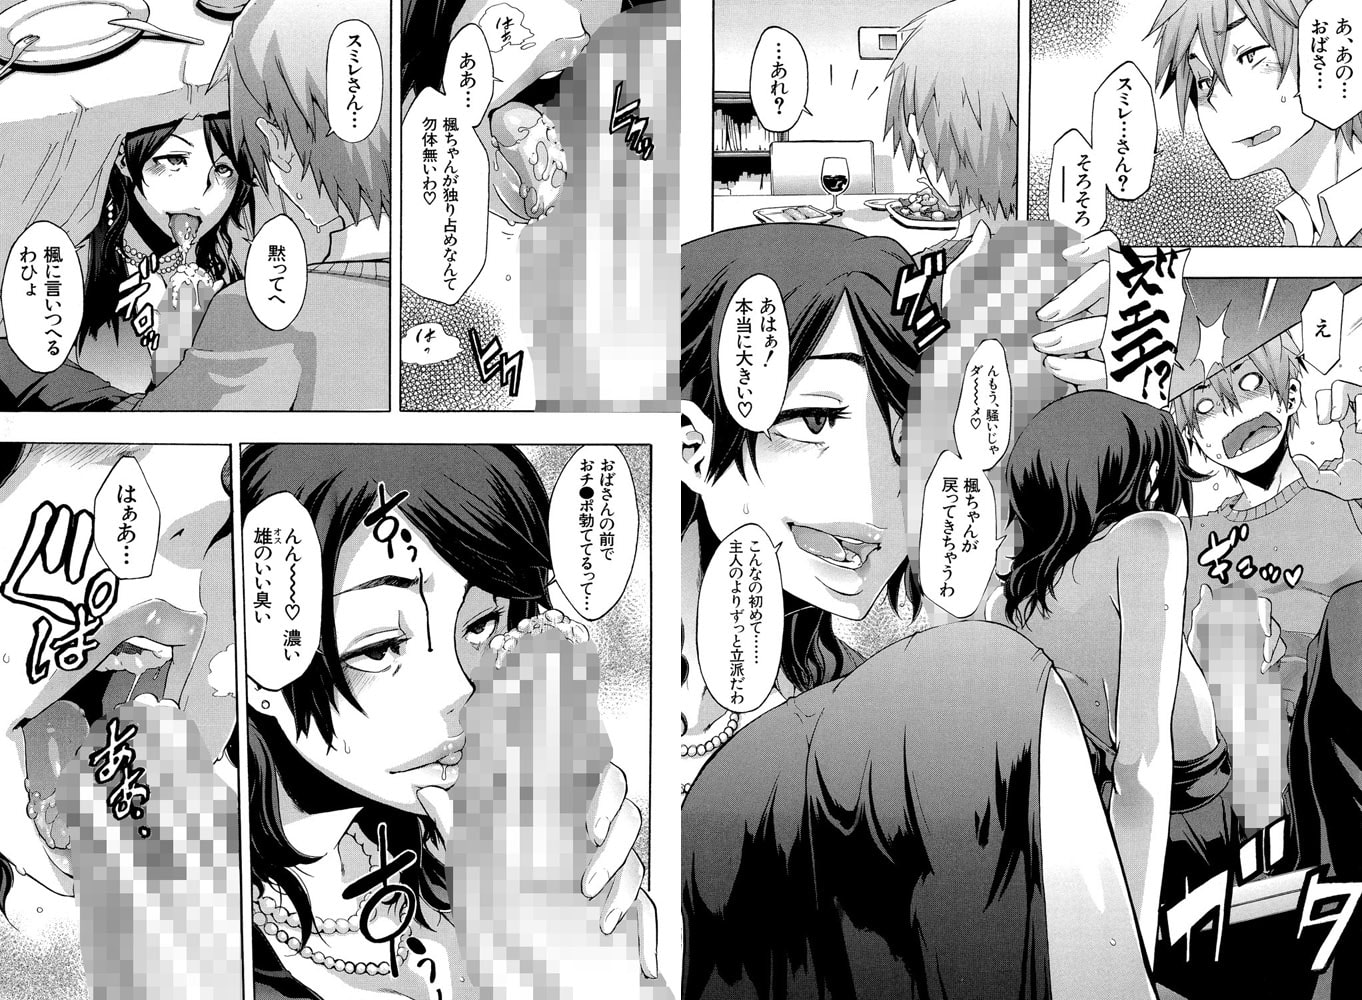 純愛イレギュラーズ【完全収録版】